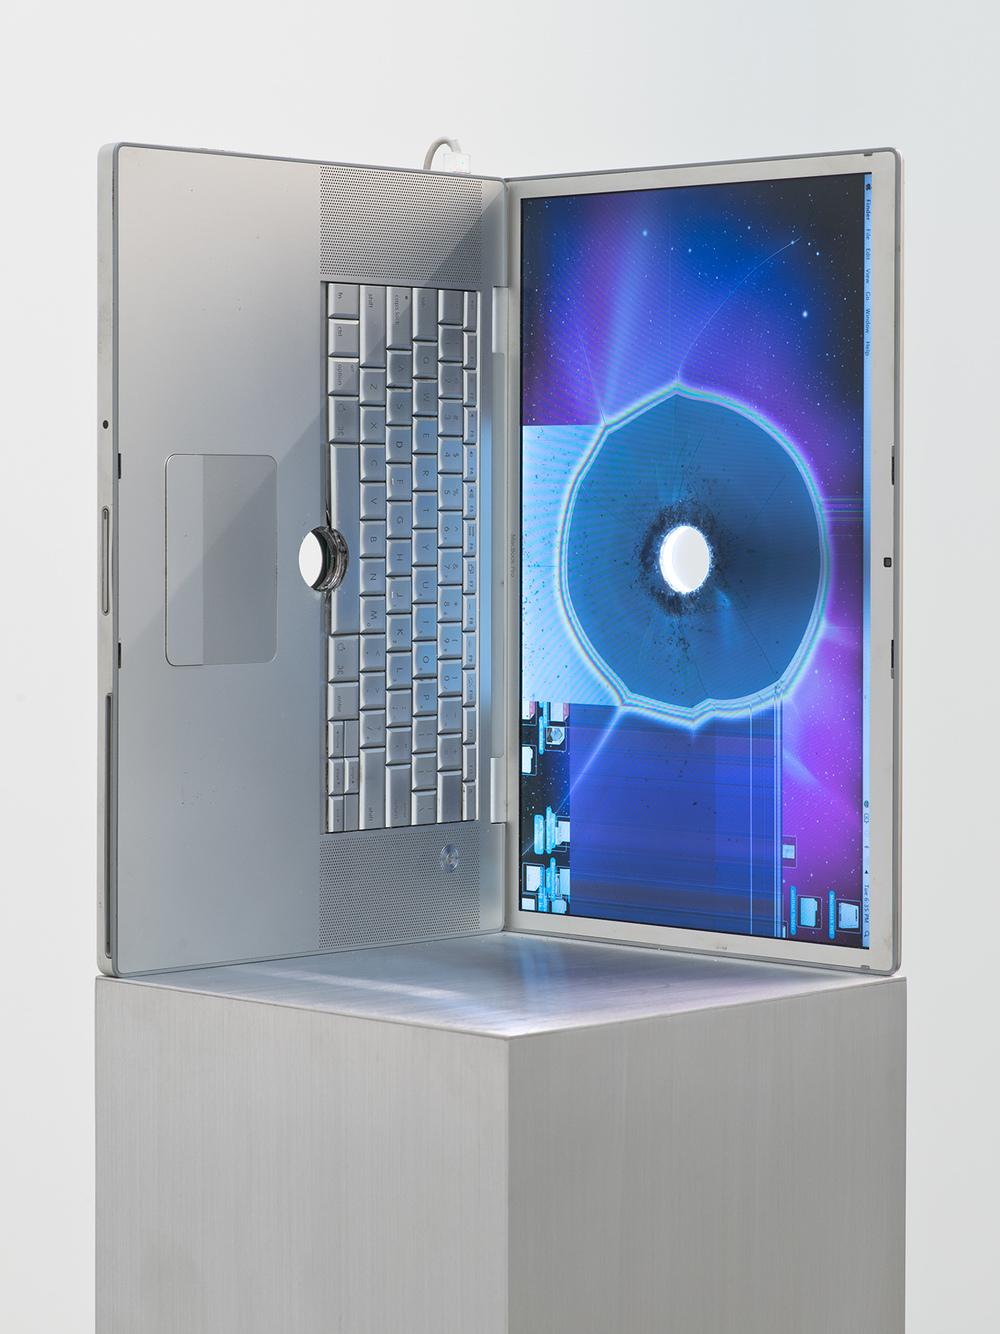 Der Wille zur Macht <del>(Apple MacBook Pro)</del>